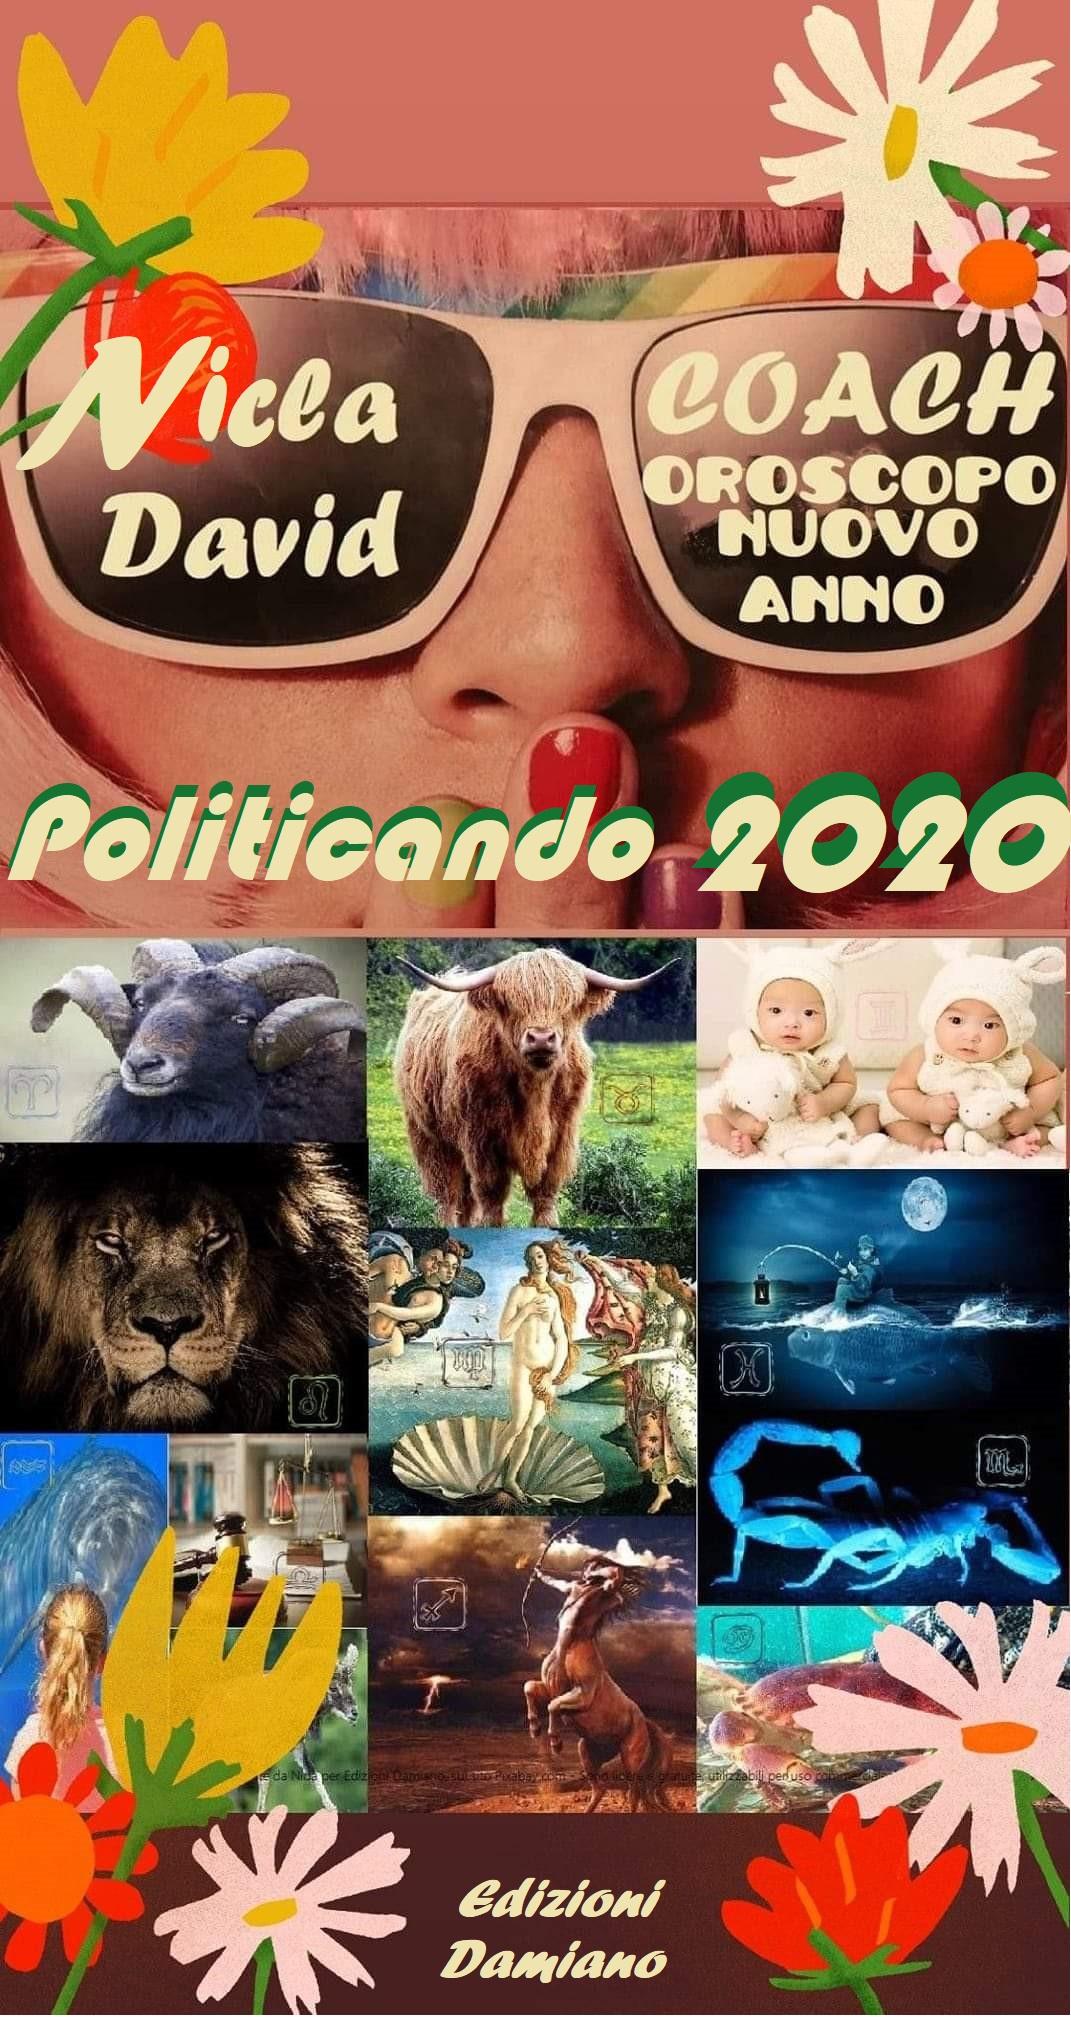 Politicando 2020 by Nicladavid